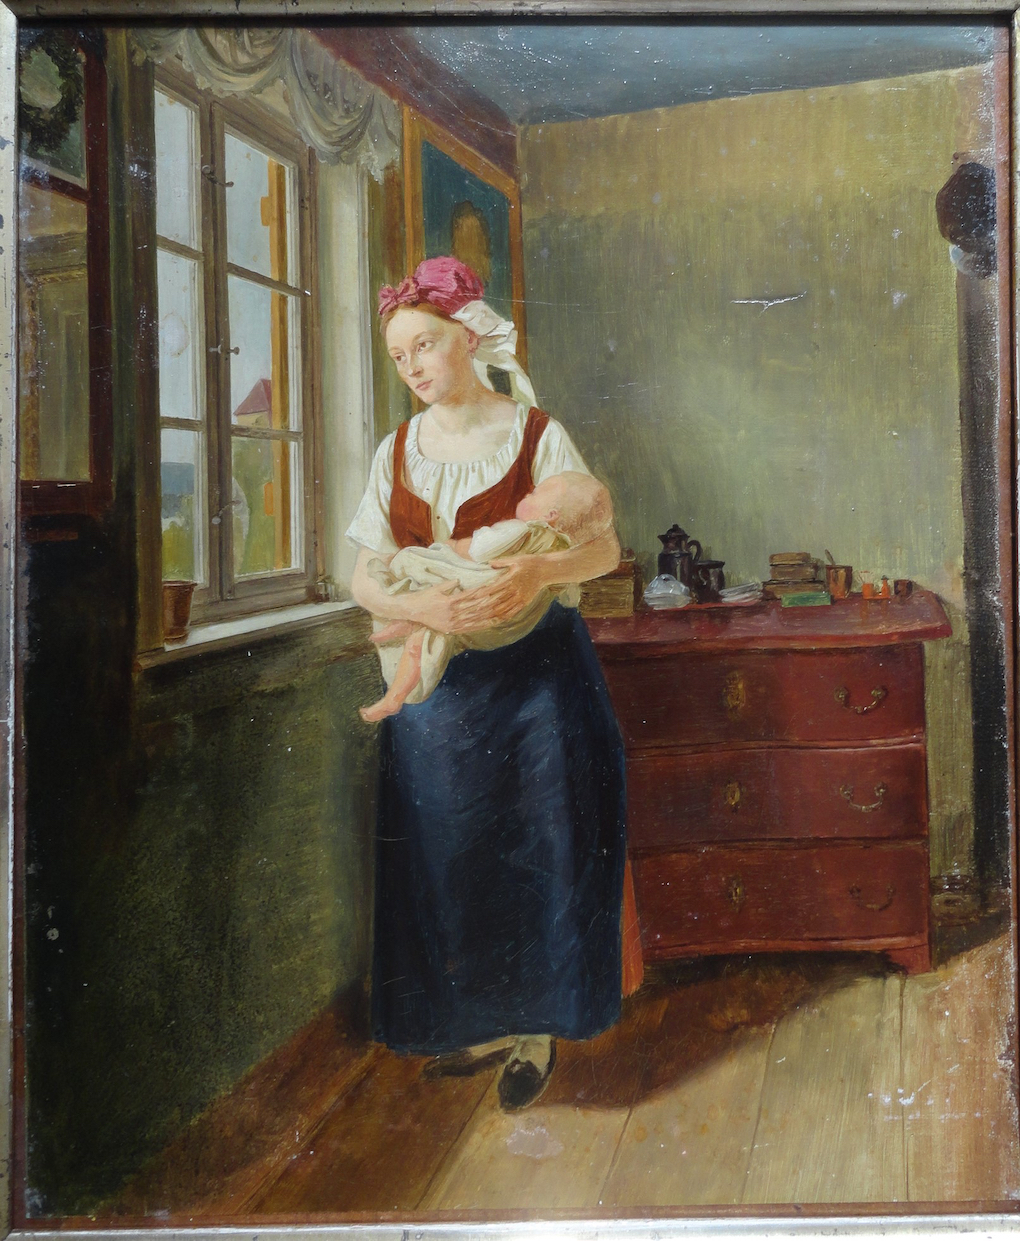 Ludwig Most, Studium do obrazu Oczekująca (Kobieta wyczekująca męża), 1831/1832, olej, płótno naklejone na dyktę, Muzeum Narodowe w Szczecinie